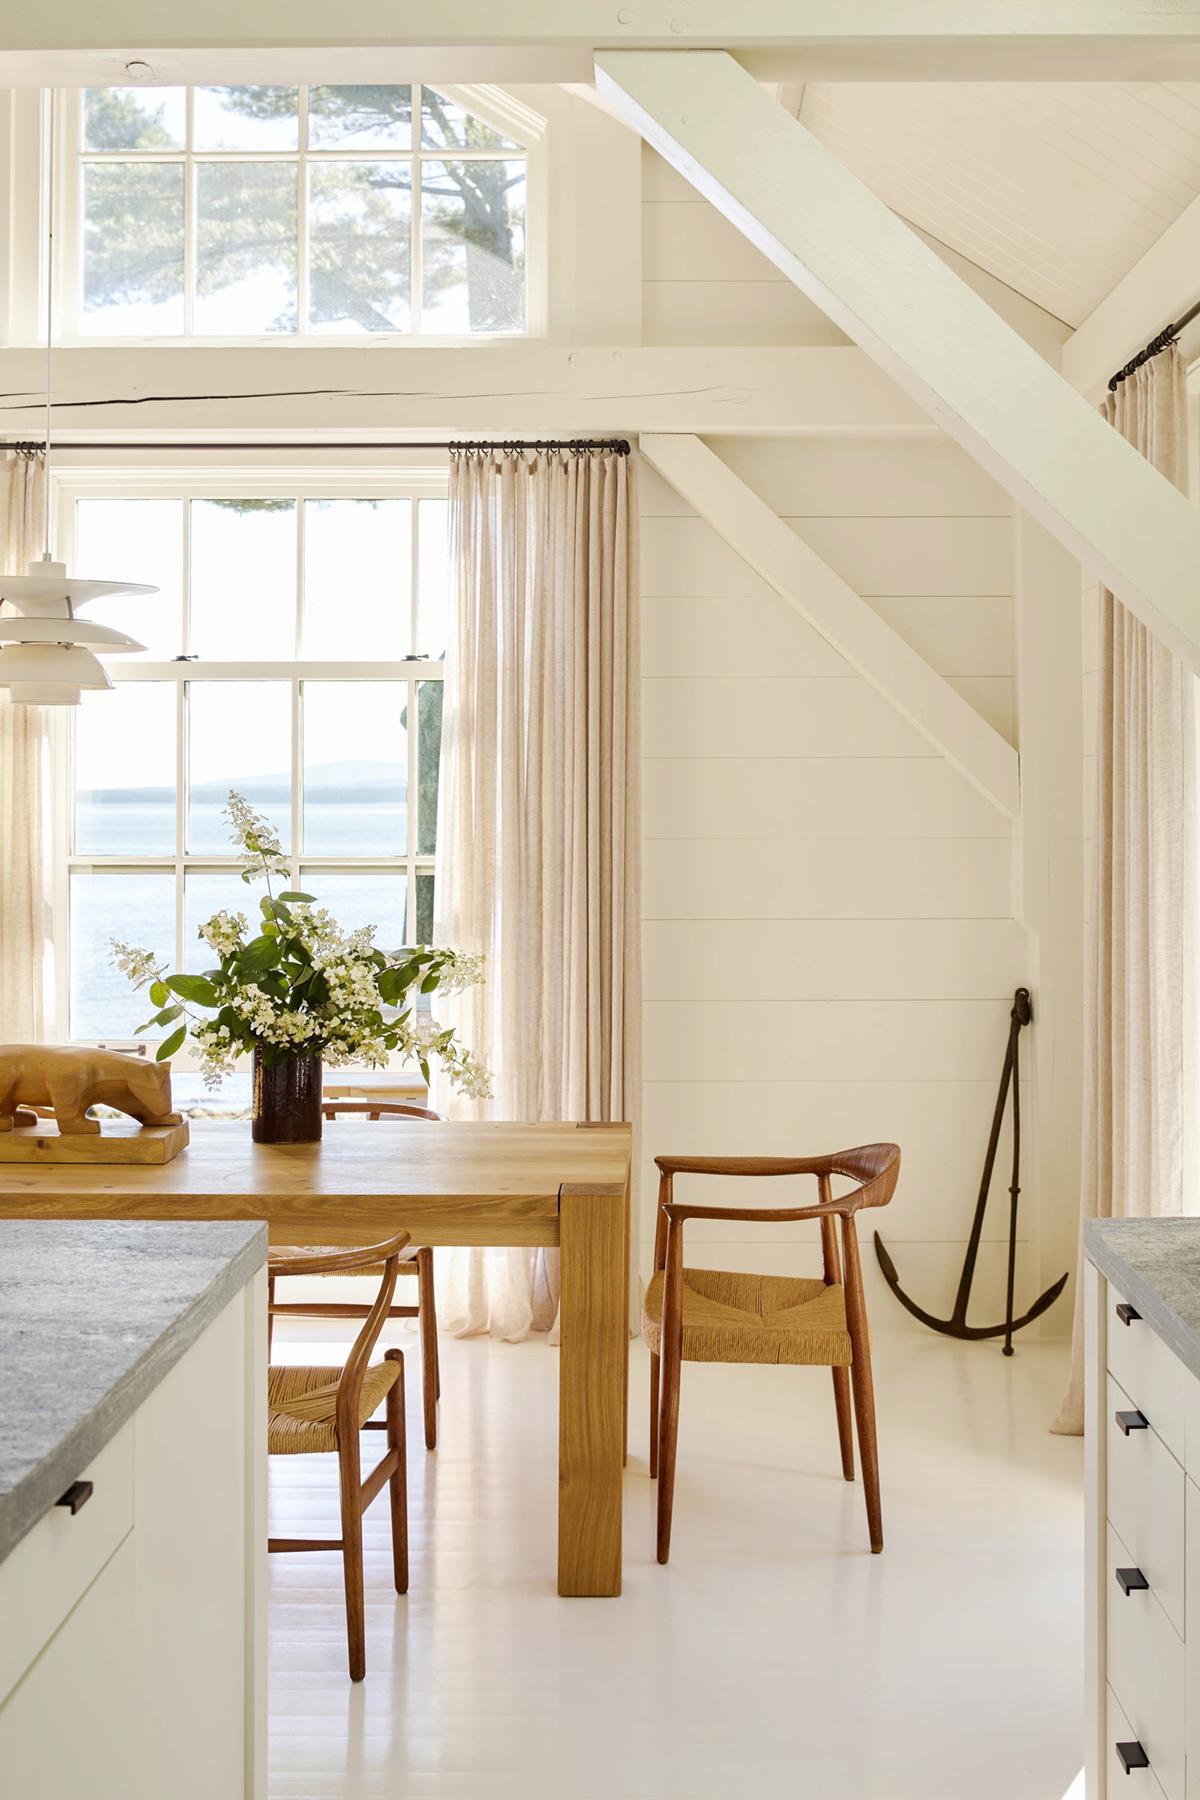 salle à manger lumineuse avec style simple en bois organique | bord de mer maine maison chalet tour sur coco kelley